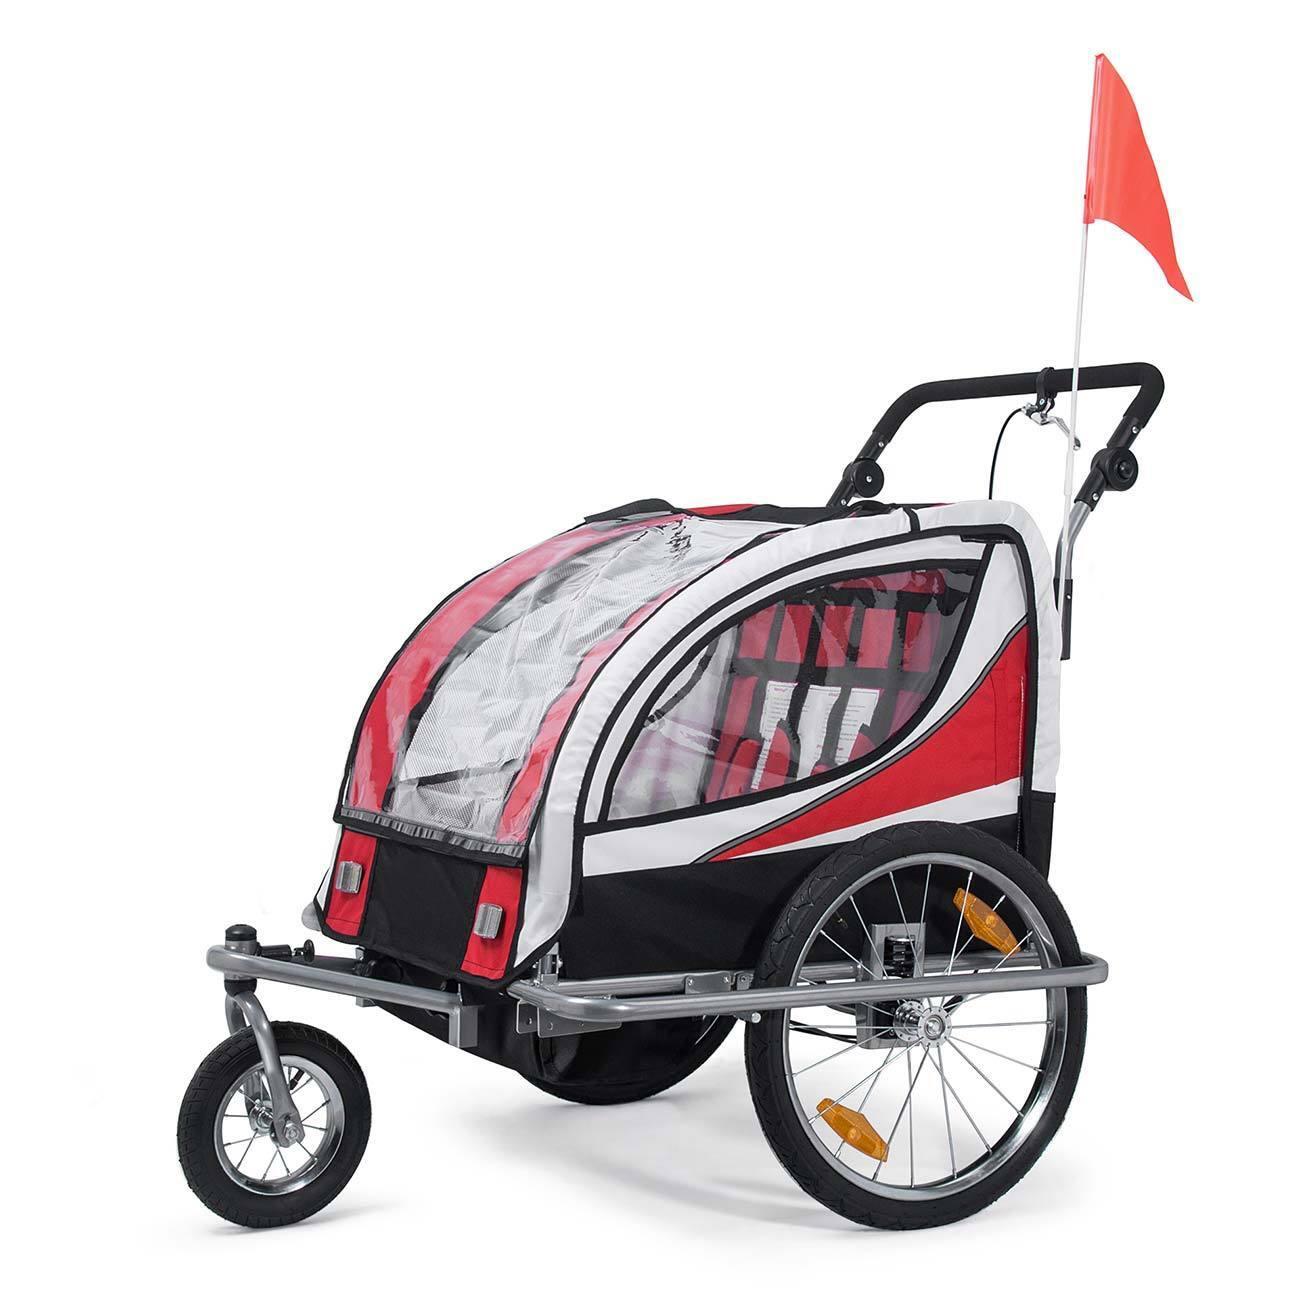 B-WARE B-WARE B-WARE Jogger Fahrradanhänger Kinder Kinderfahrradanhänger 2in1 360° Transport 9d06c9